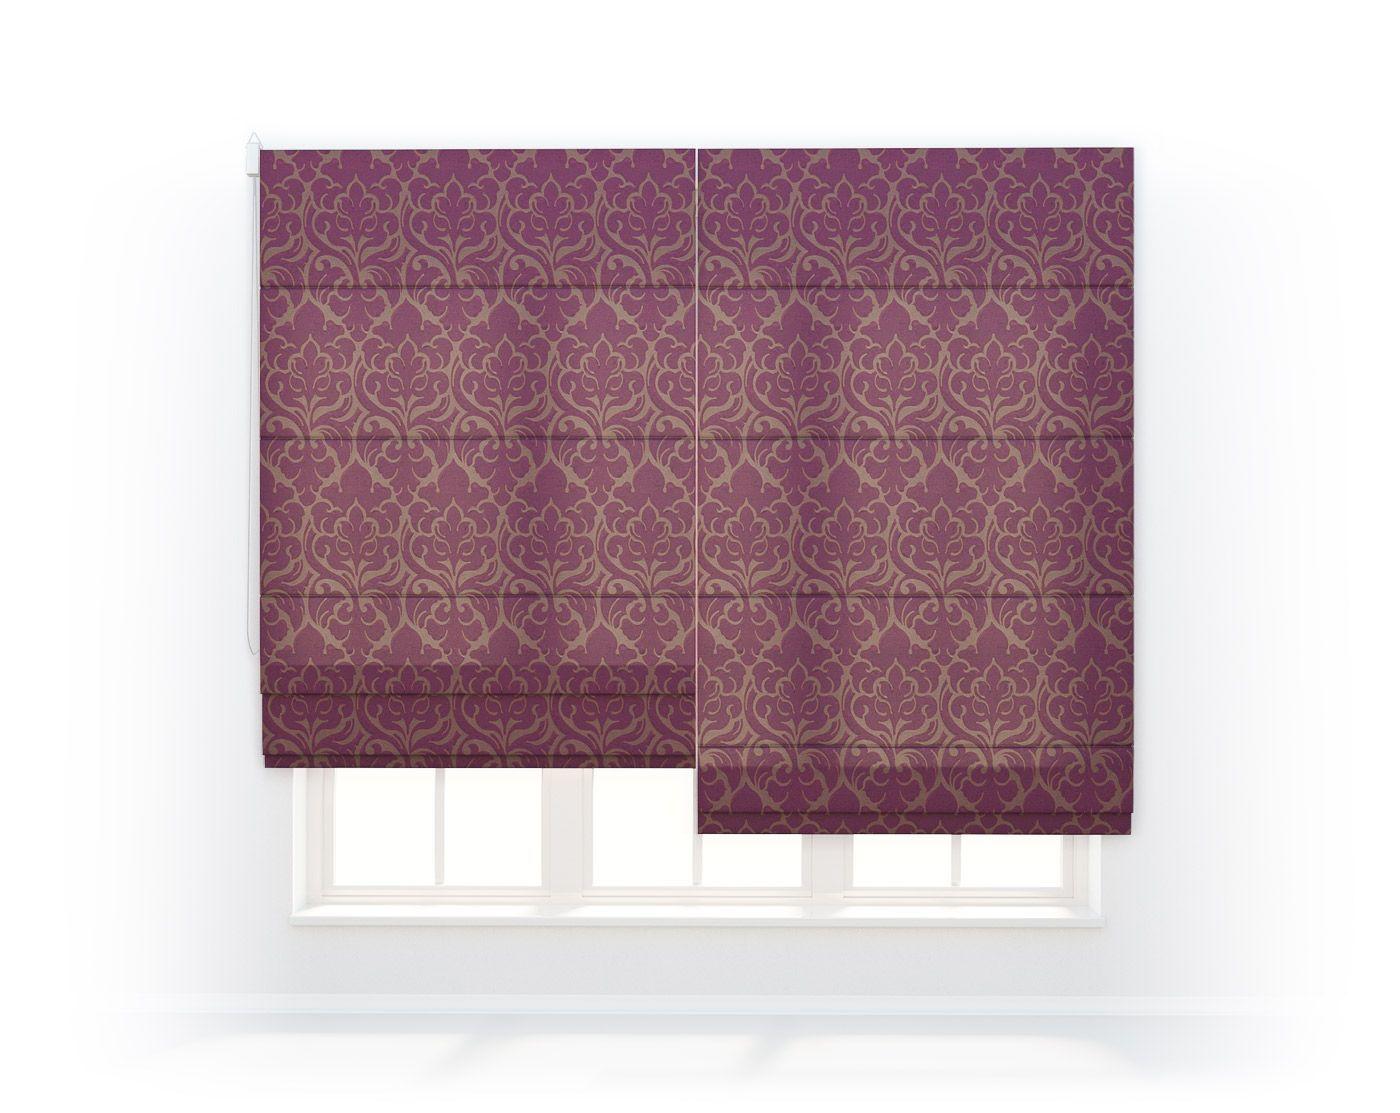 Римские шторы Ar deco part 1, 2366/44